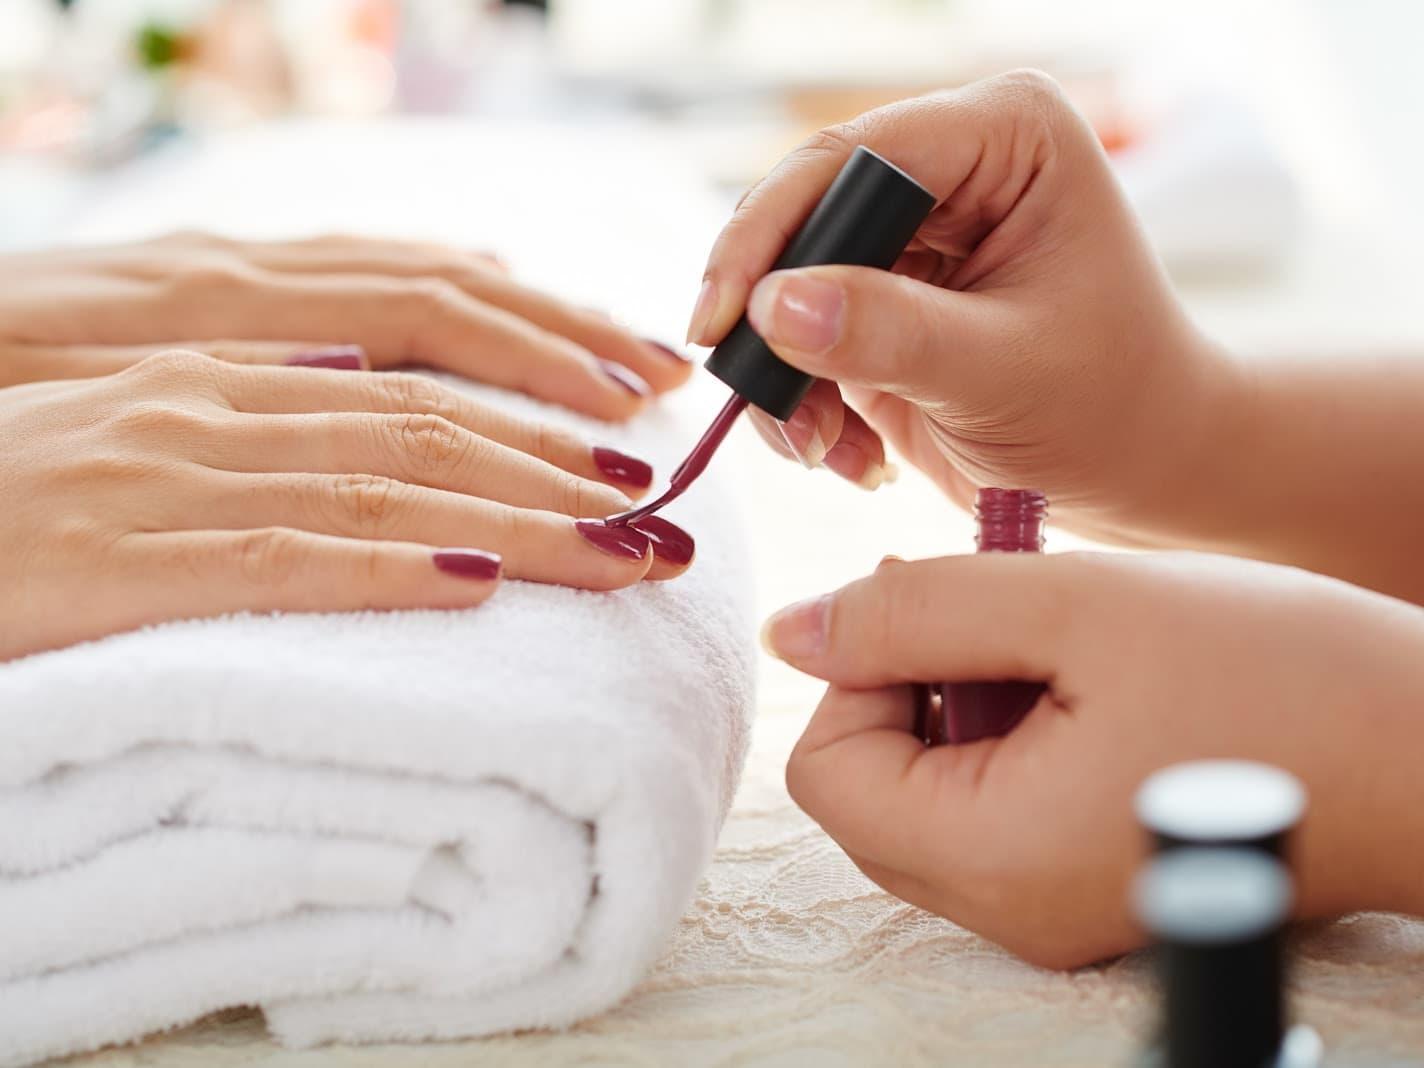 Class Manicure + Classic Pedicure + Foot Scrub for 1 Person